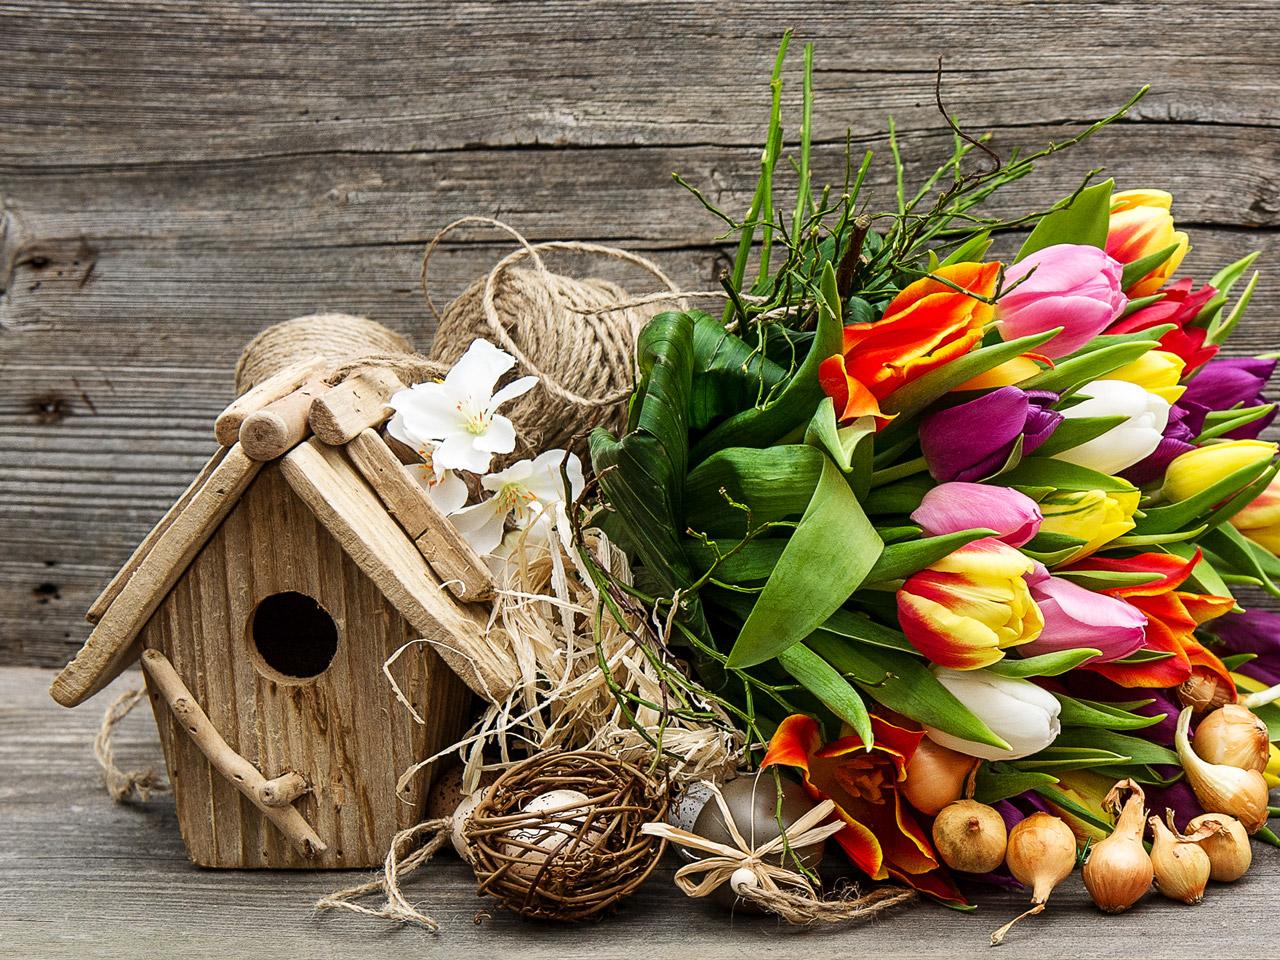 Farbenfrohe Osterdekoration - Bunte Tulpen